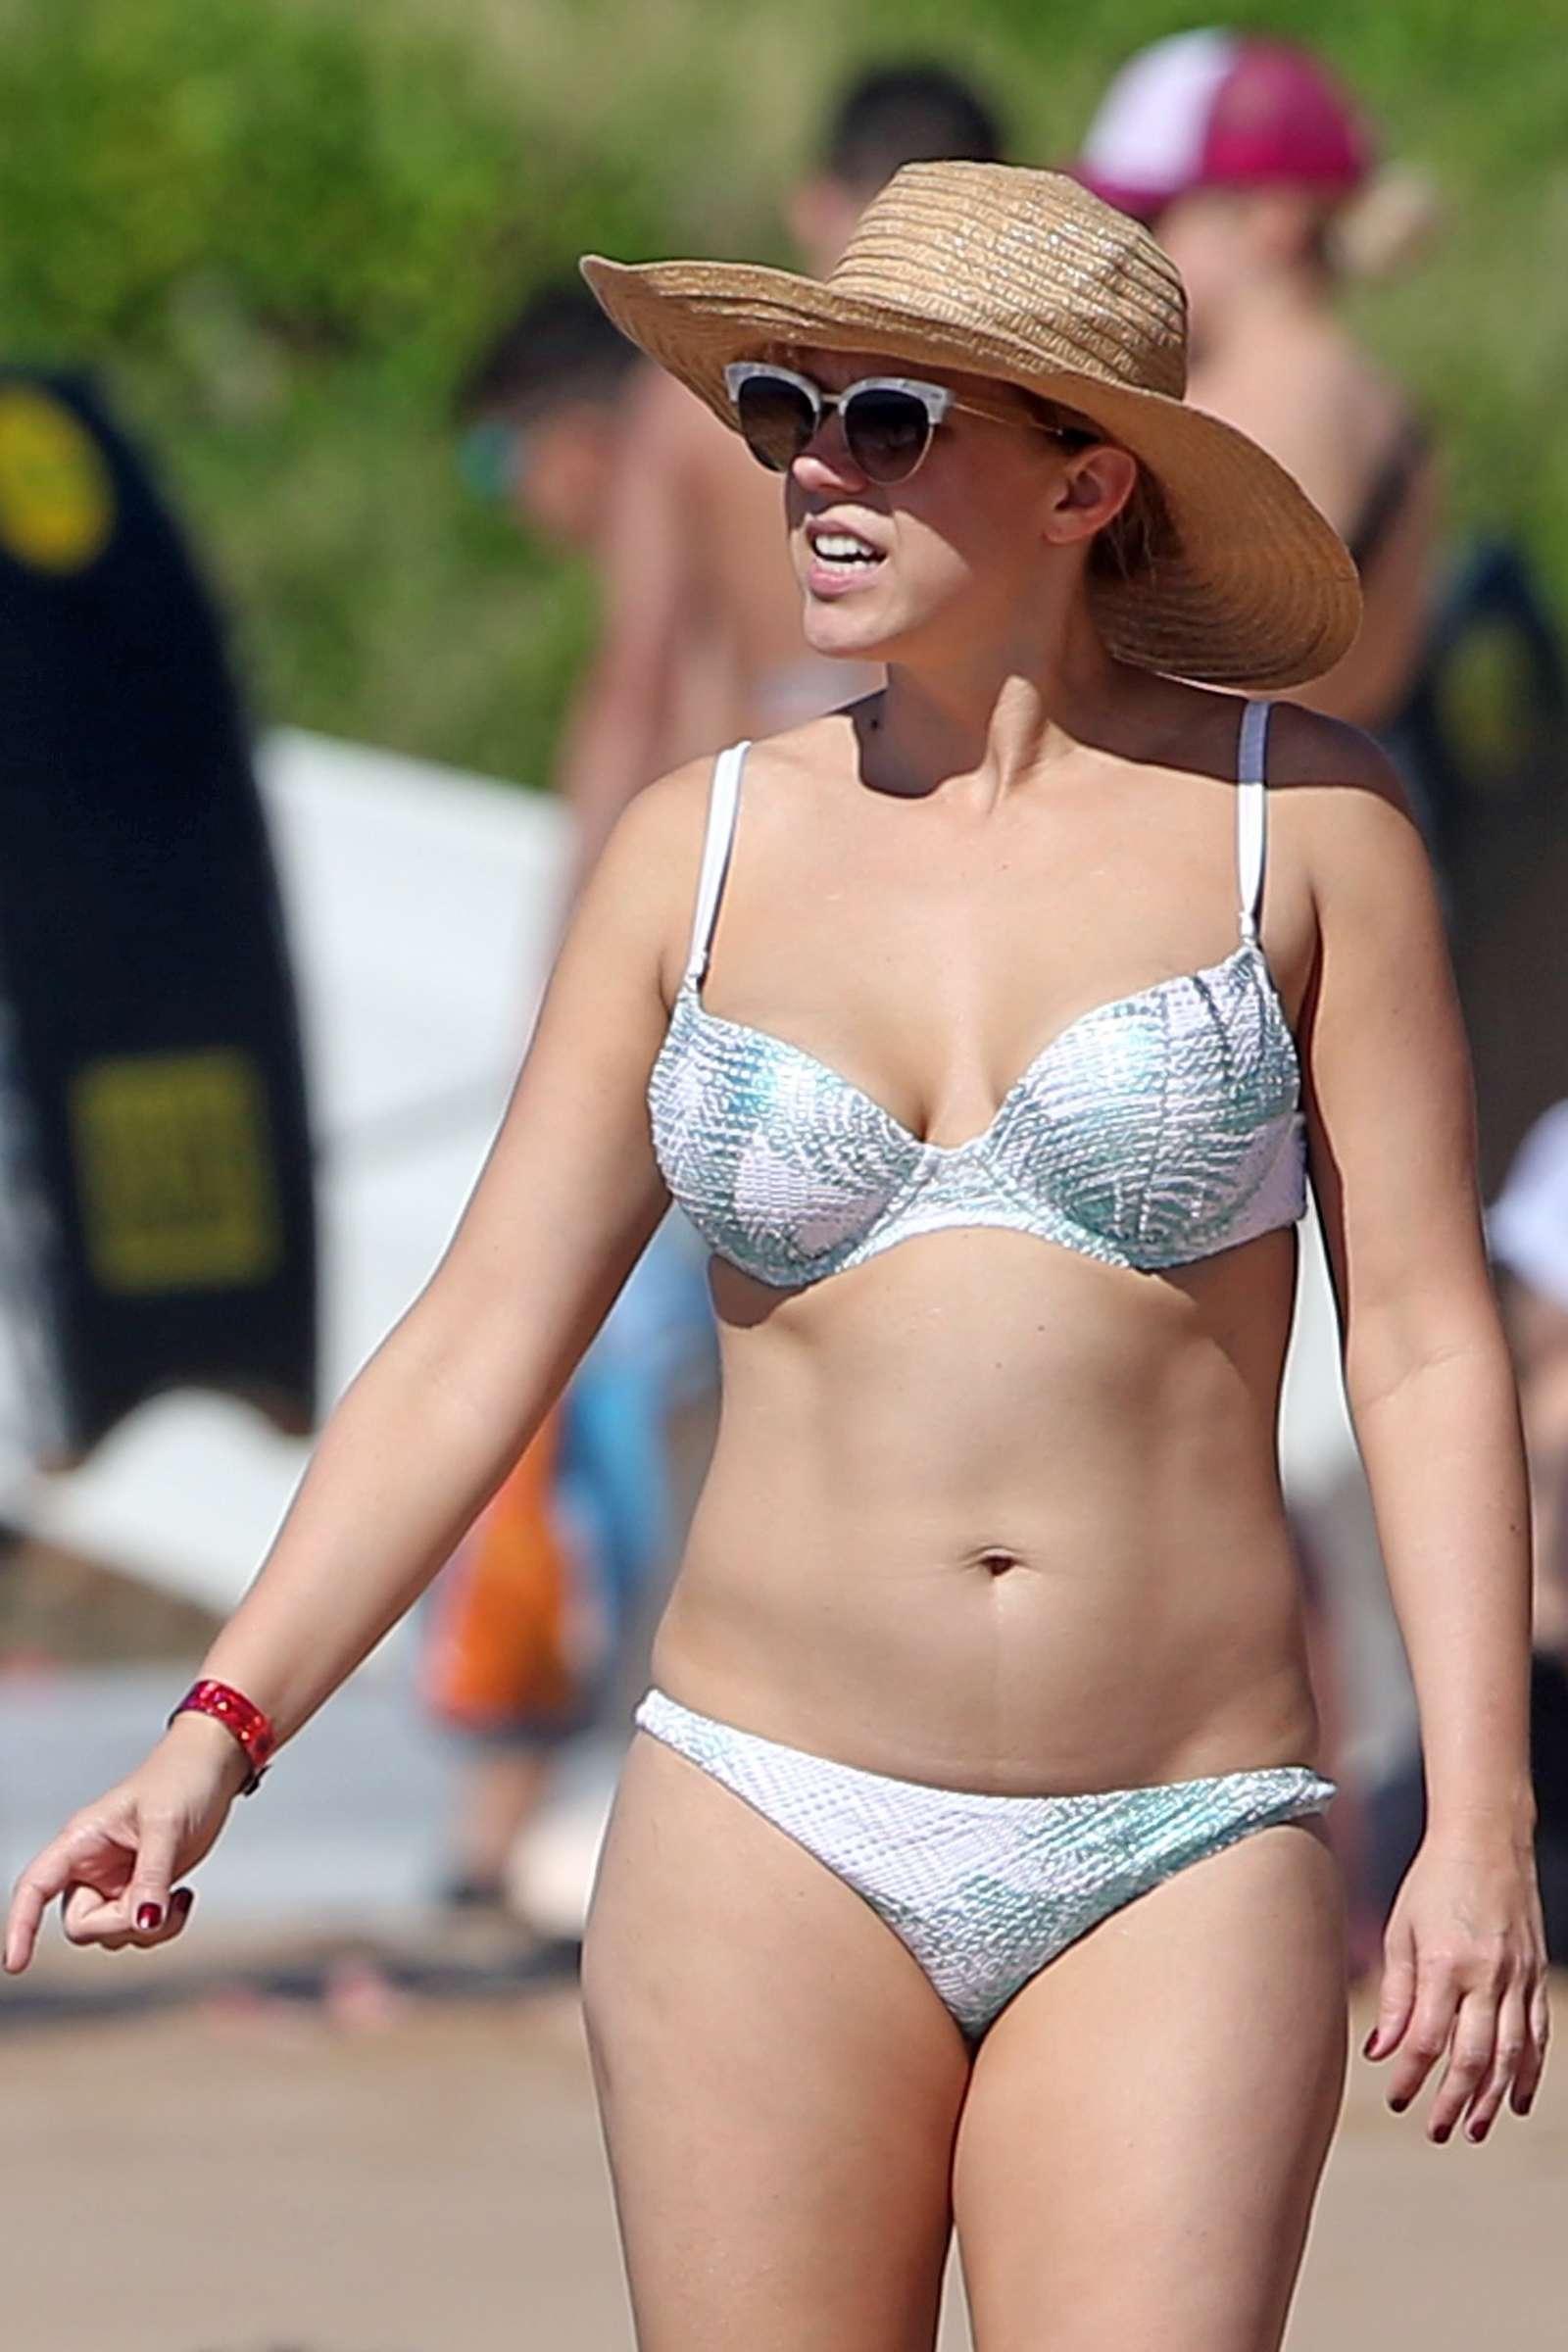 Jodie Sweetin 2017 : Jodie Sweetin in Bikini 2017 -13